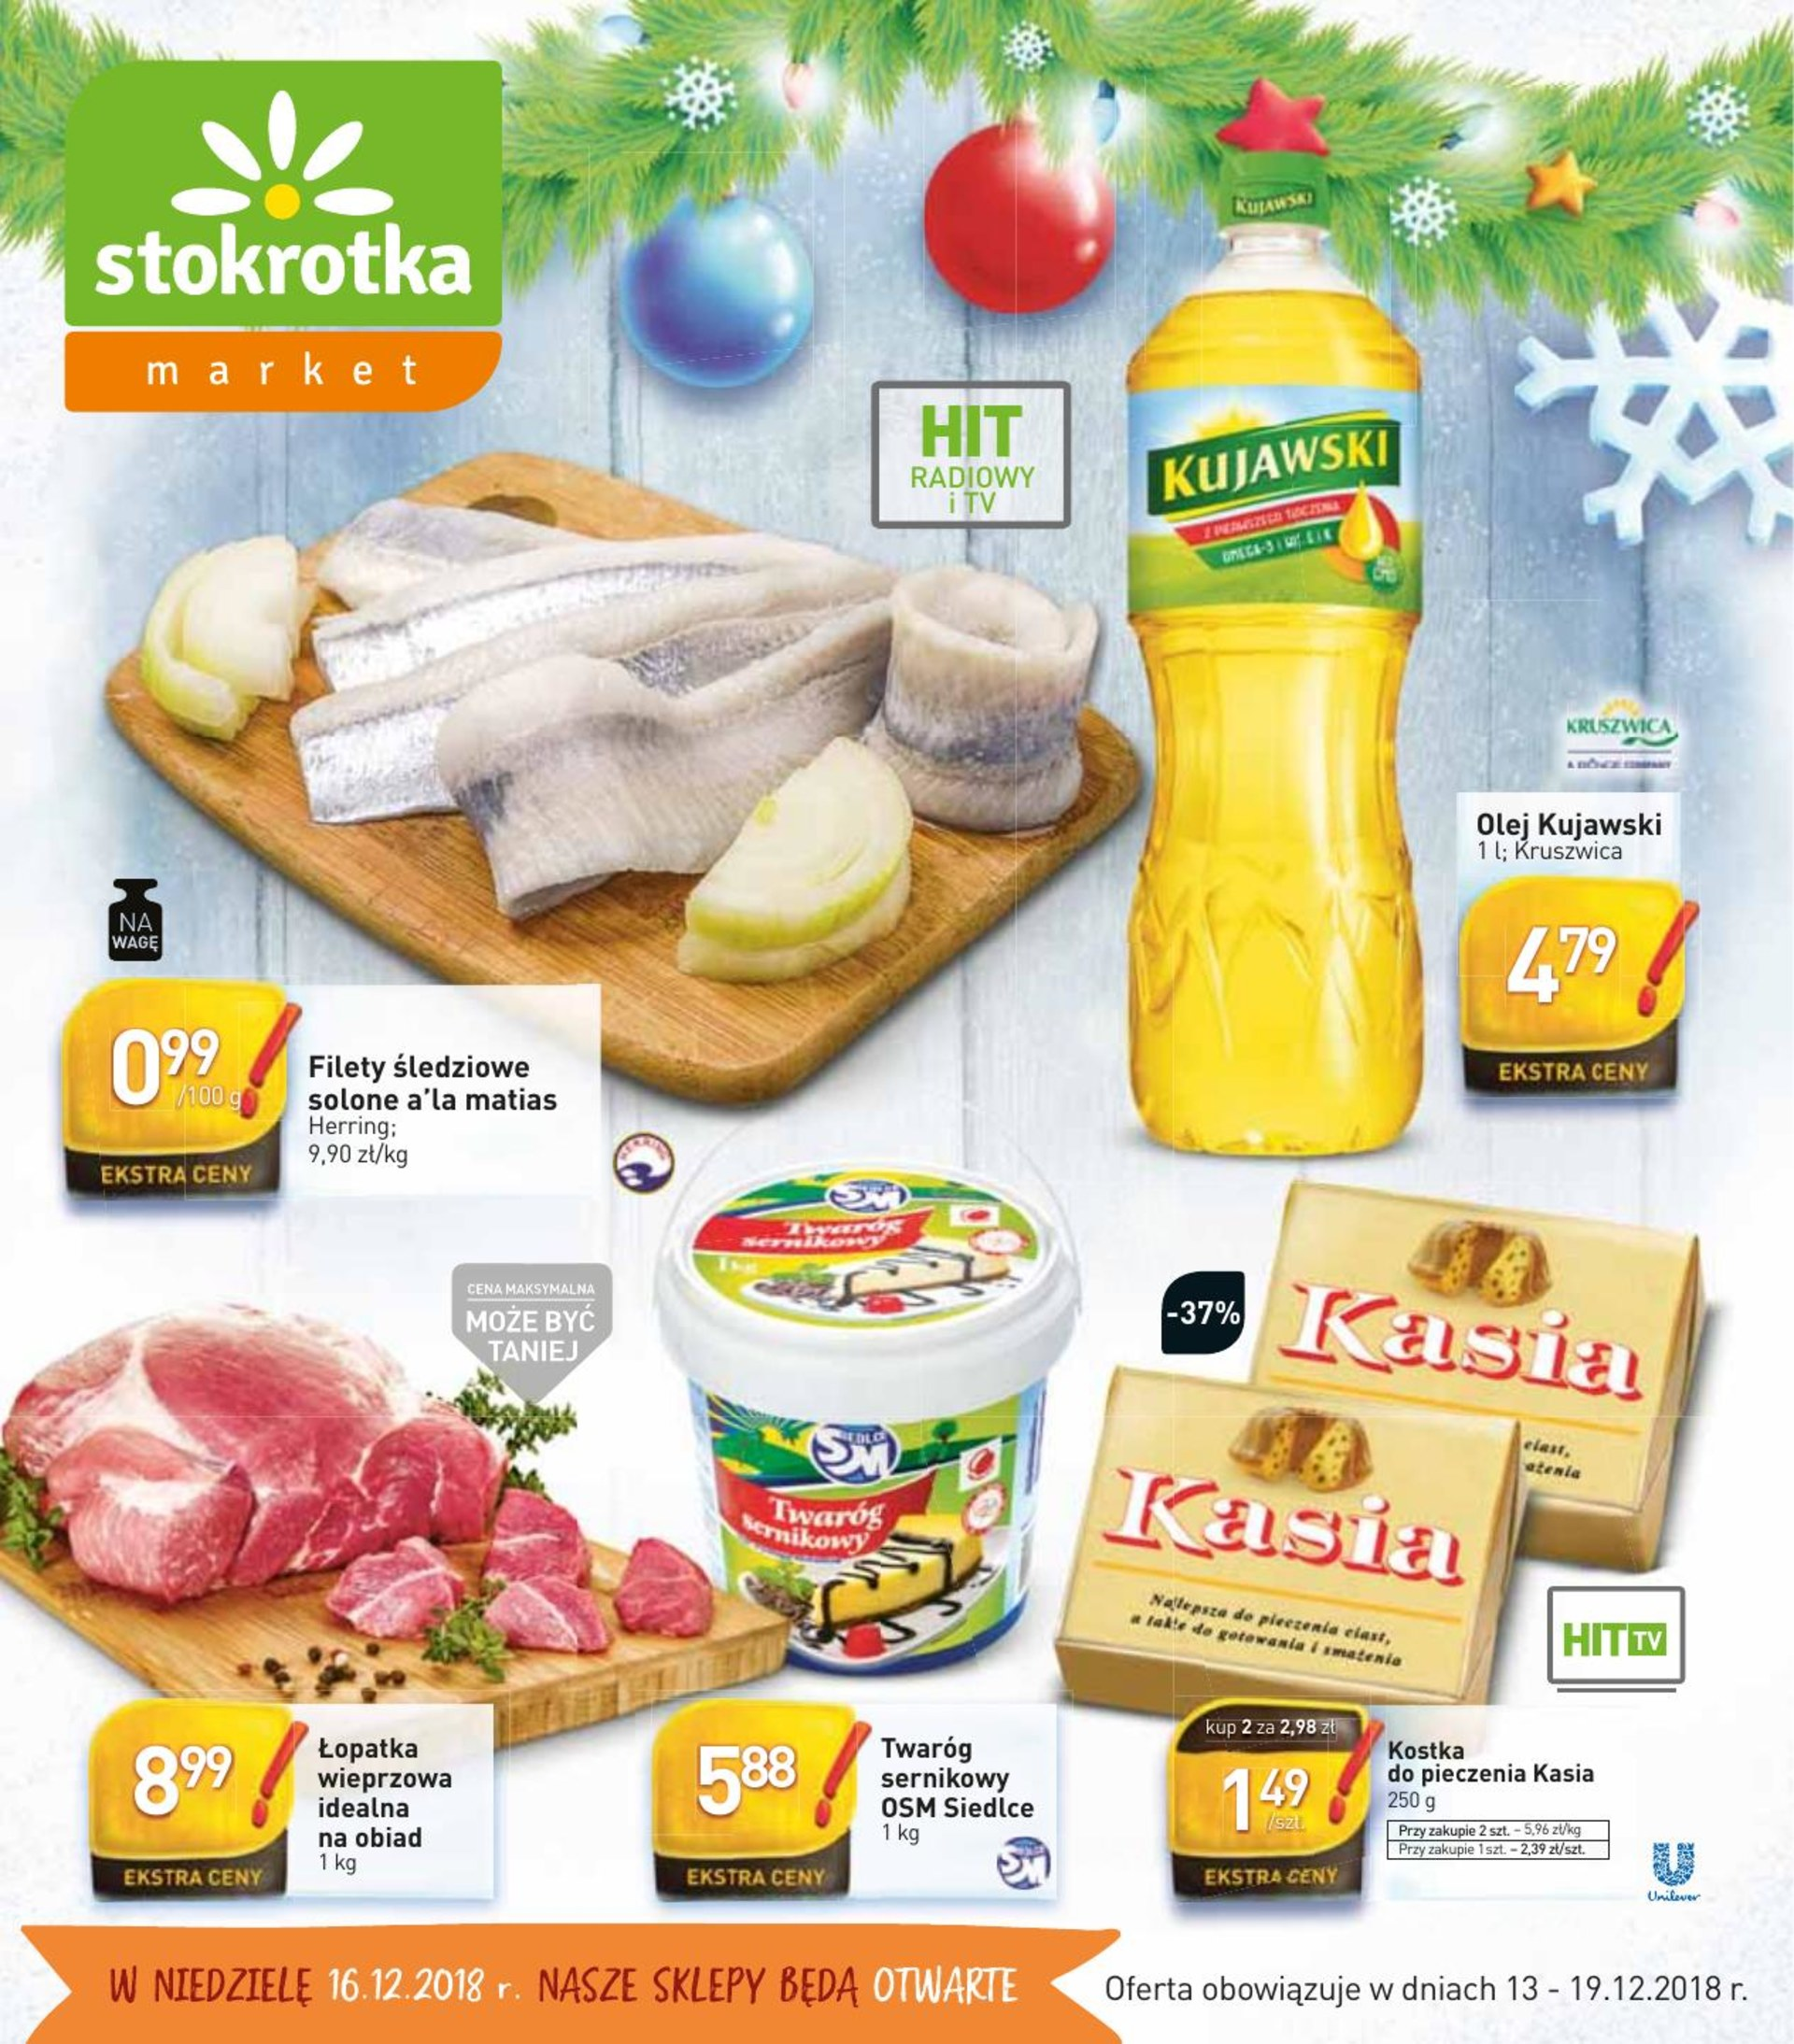 d230ce8472a3b1 Gazetka Stokrotka - gazetka-promocyjna-stokrotka-13-12-2018,37389